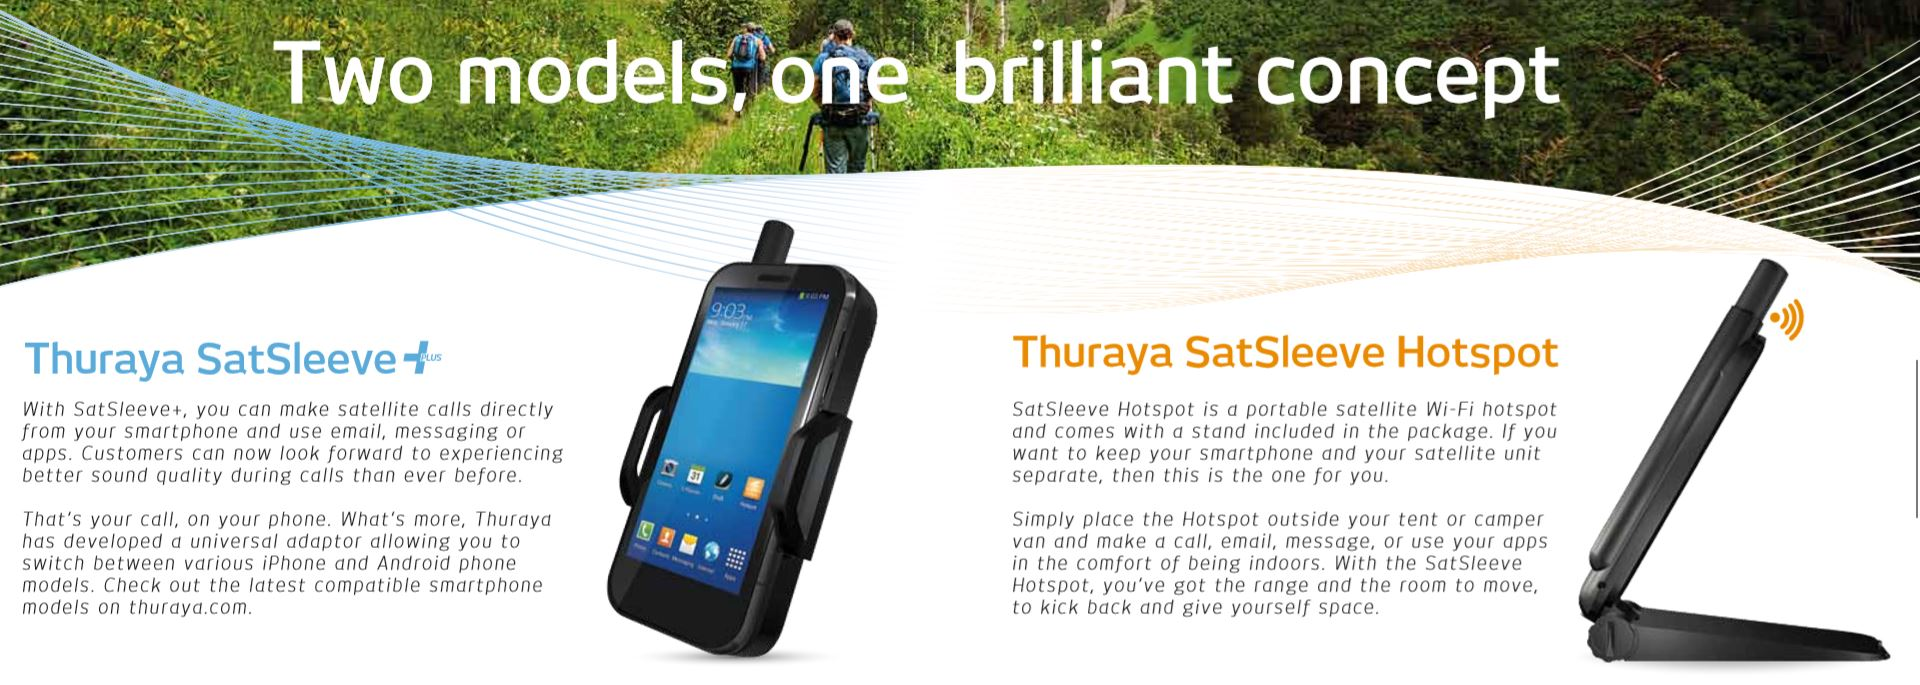 Thuraya SatSleeve+ and SatSleeve HotSpot